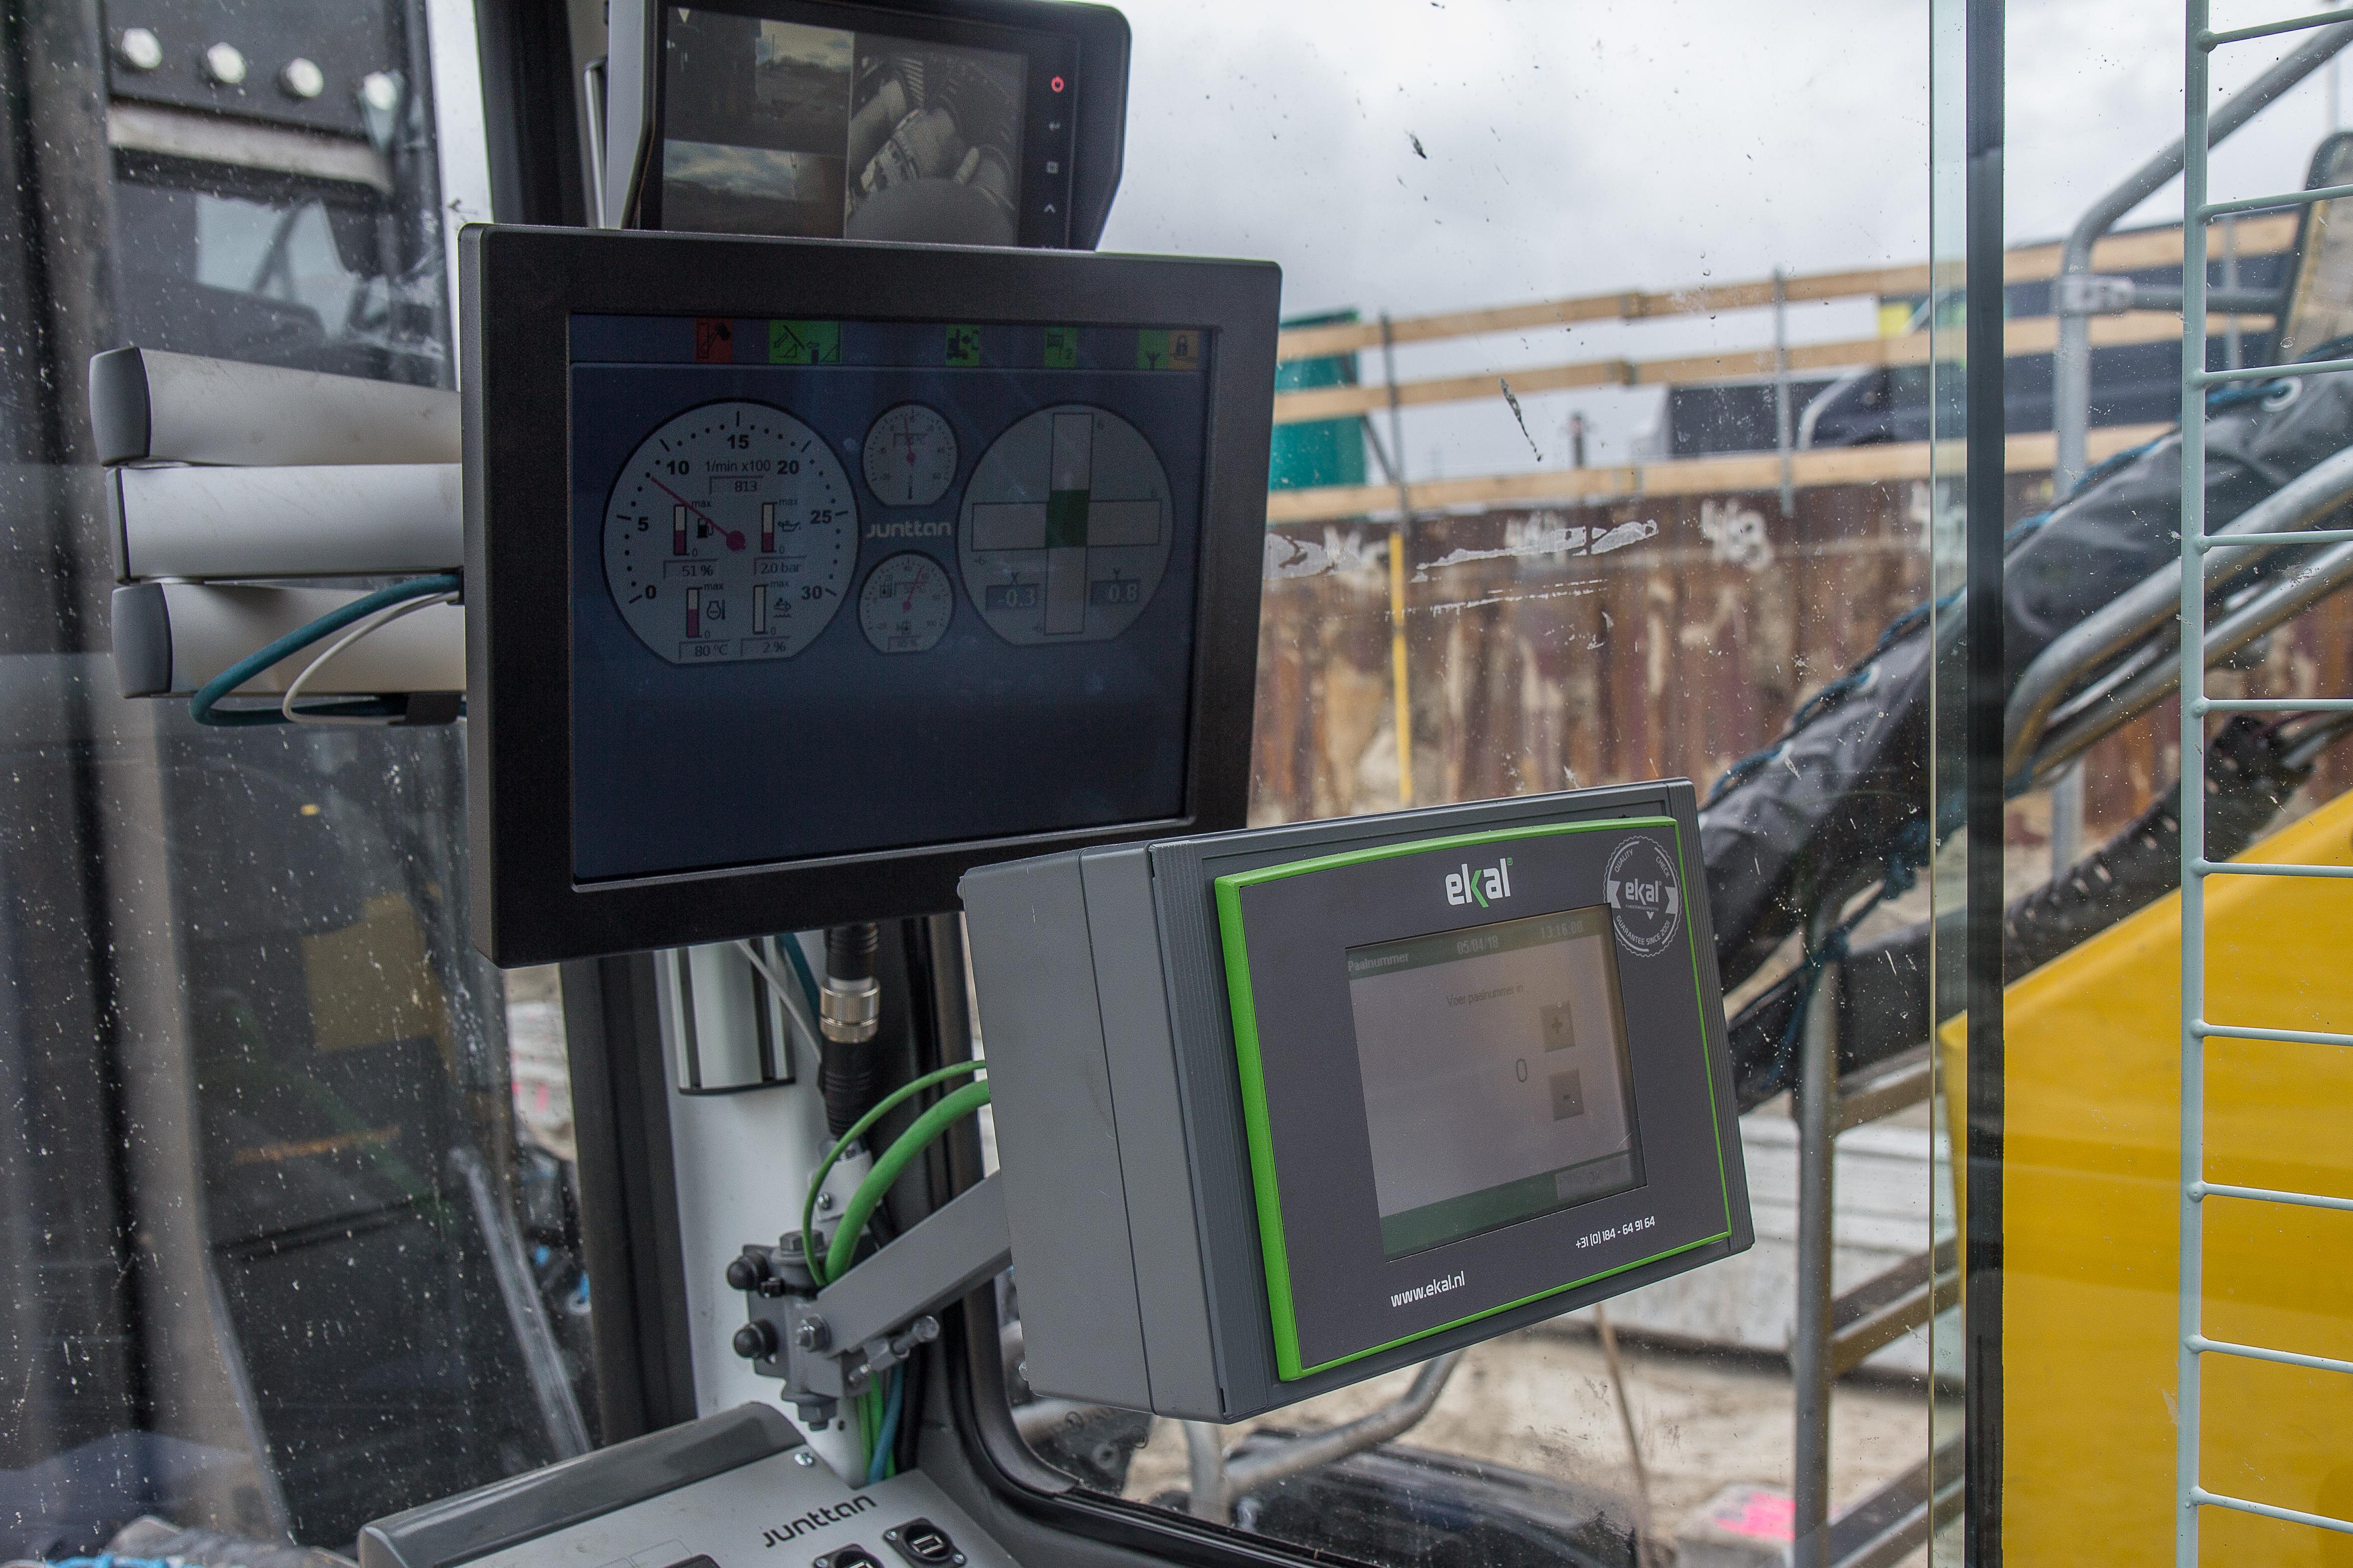 <p>In de cabine is de bediening (op de aansturing na) exact hetzelfde als de kleinere heistellingen. Dat is makkelijk. De onderste kast is van Ekal, een ingenieursbureau dat het heiproces digitaal op afstand bewaakt.</p>